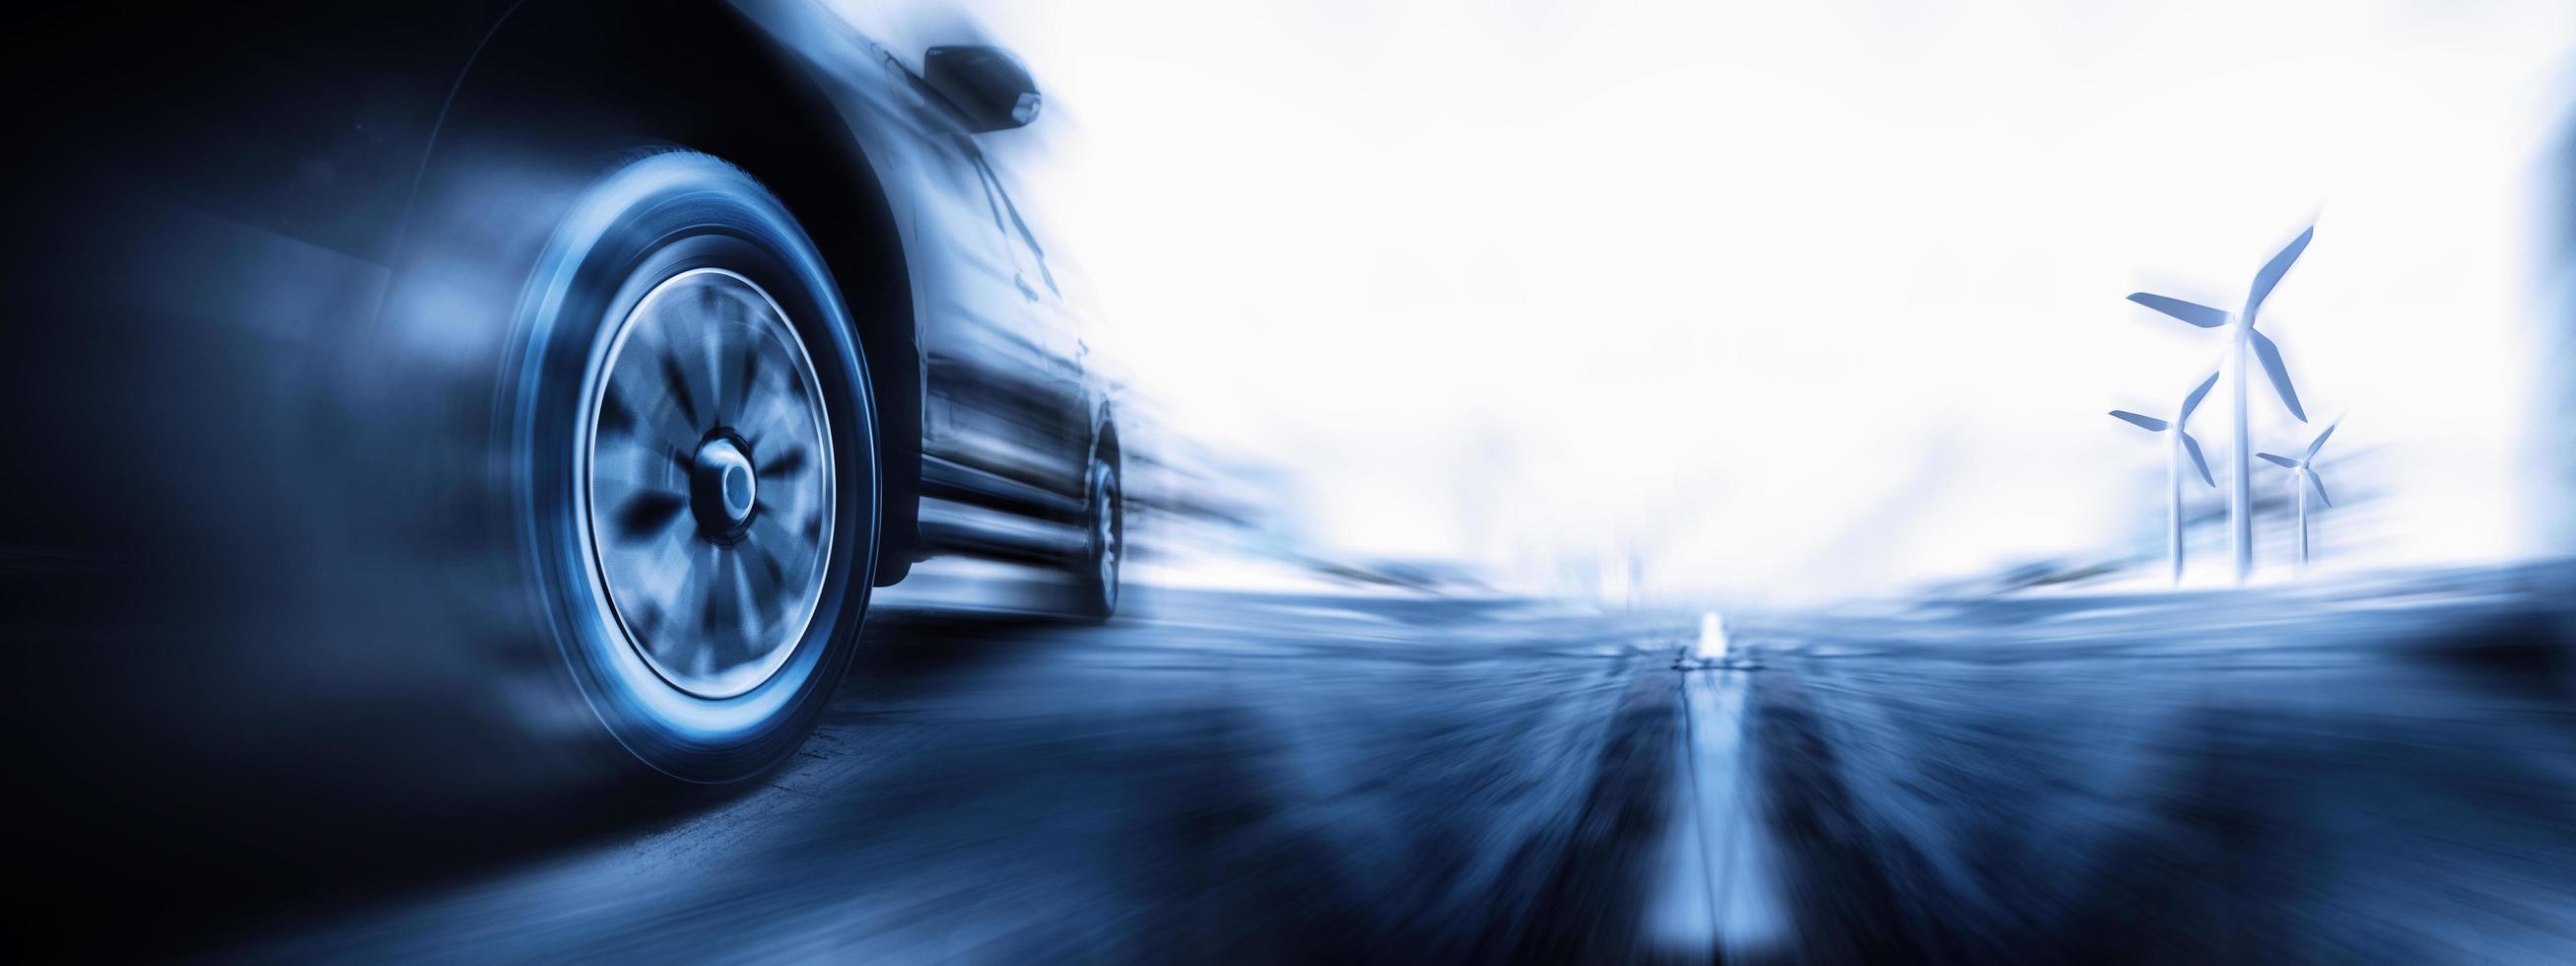 schwarz-weiß schnelles Auto foto